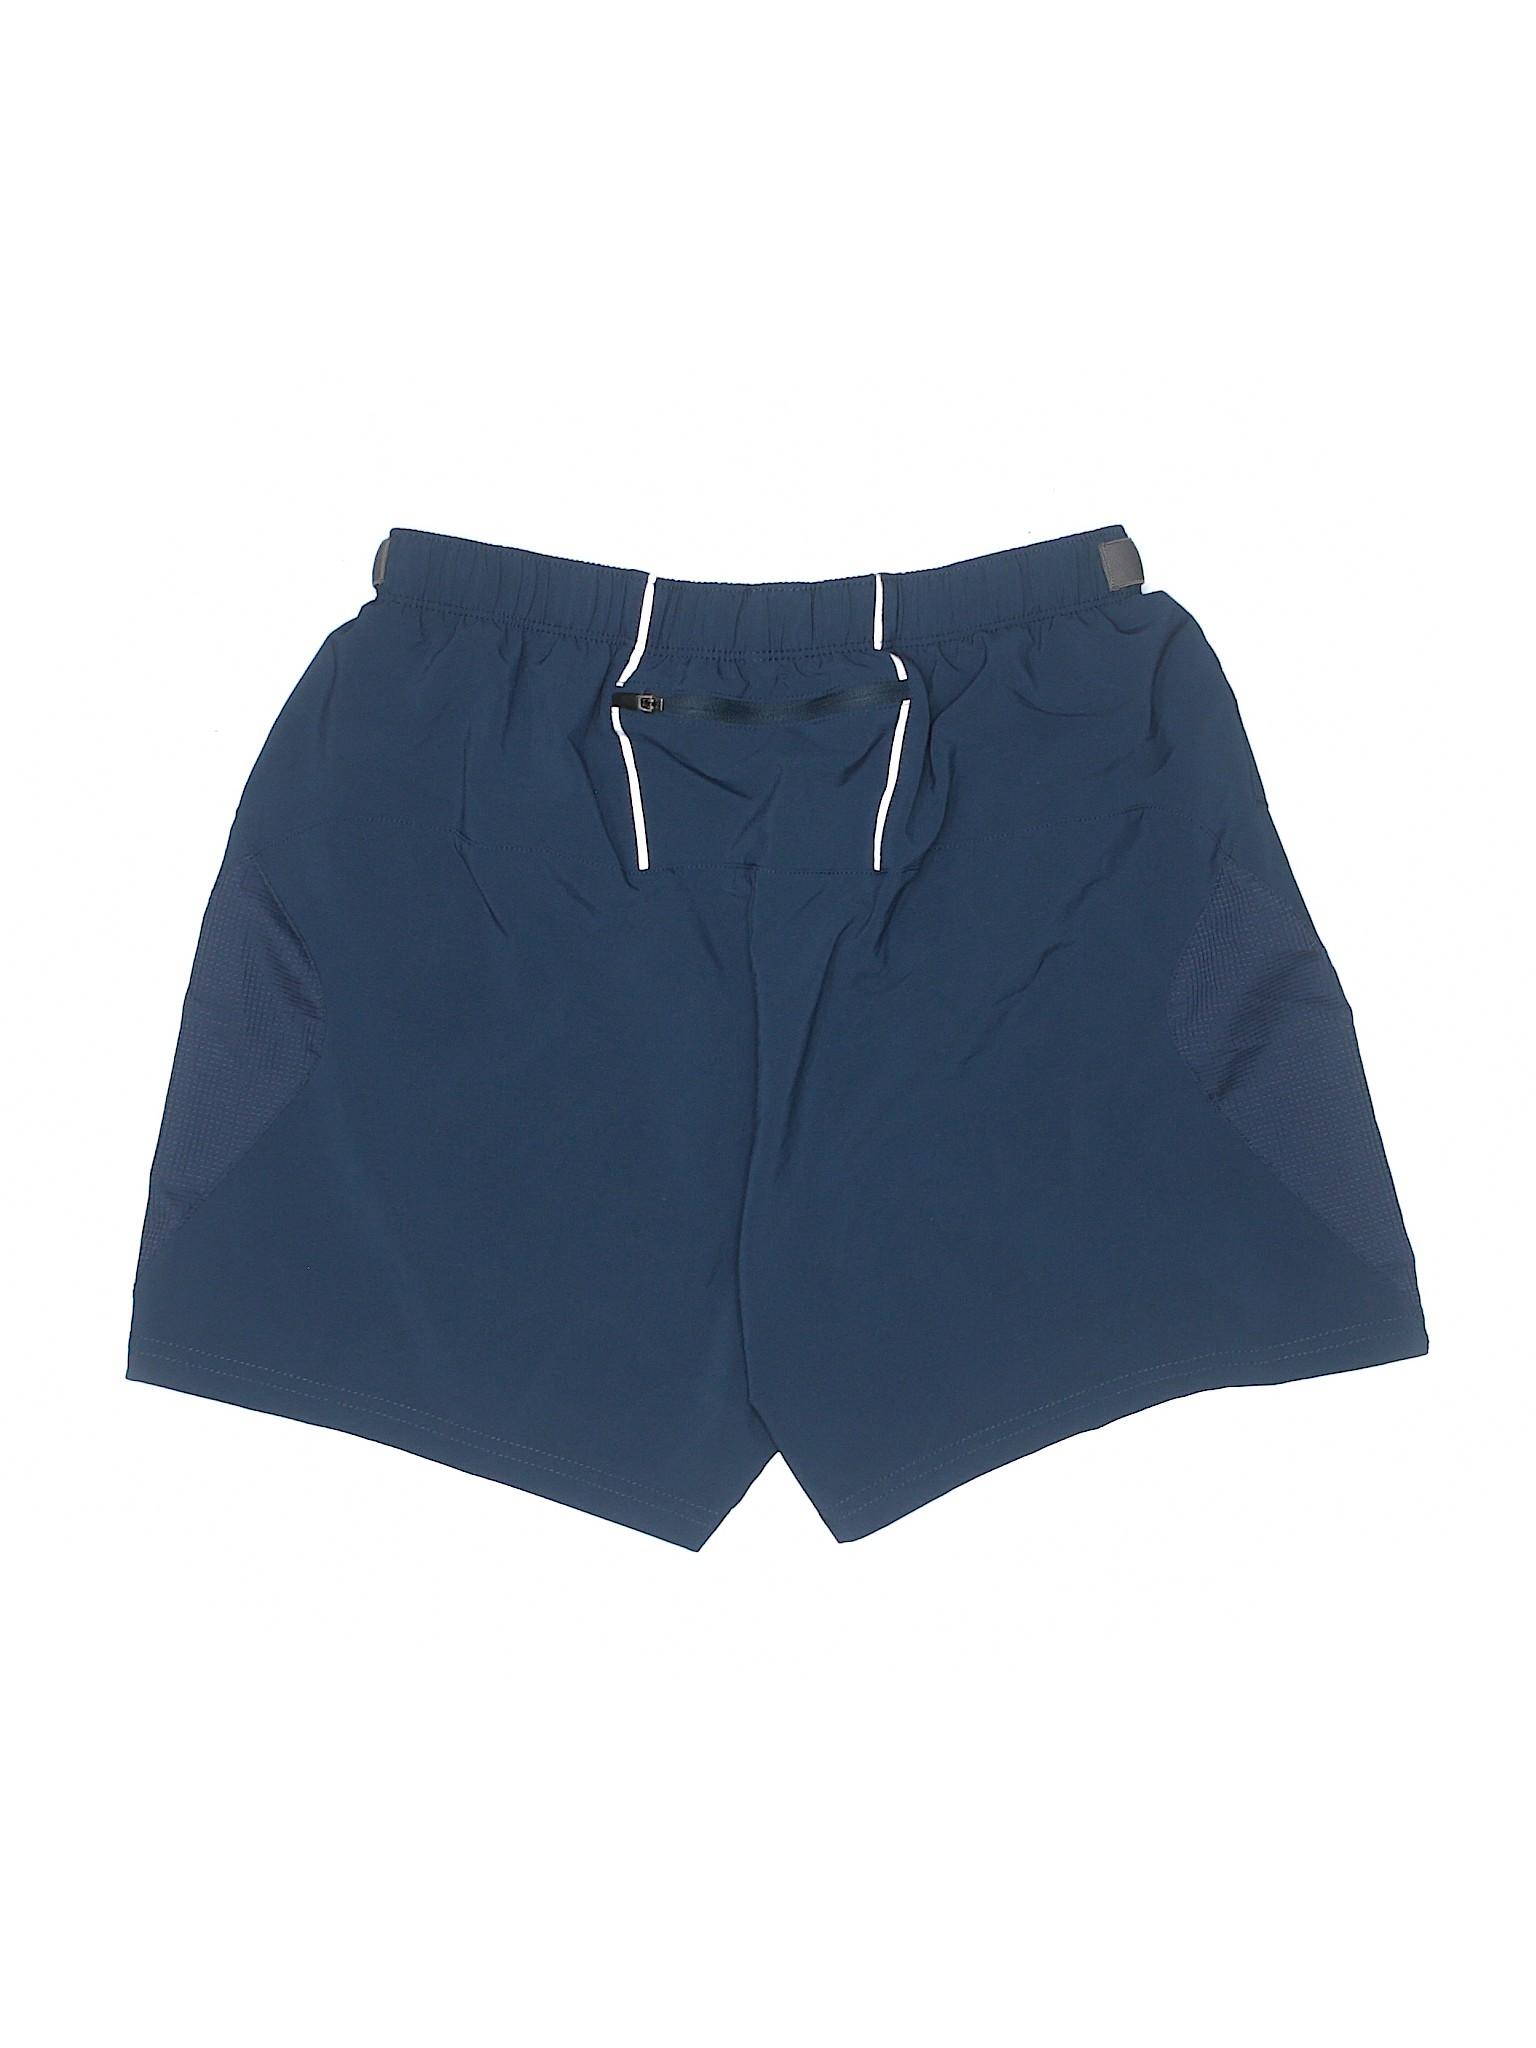 Boutique Boutique Athletic leisure Asics Asics Shorts Athletic leisure Shorts rx0nfwC4qr